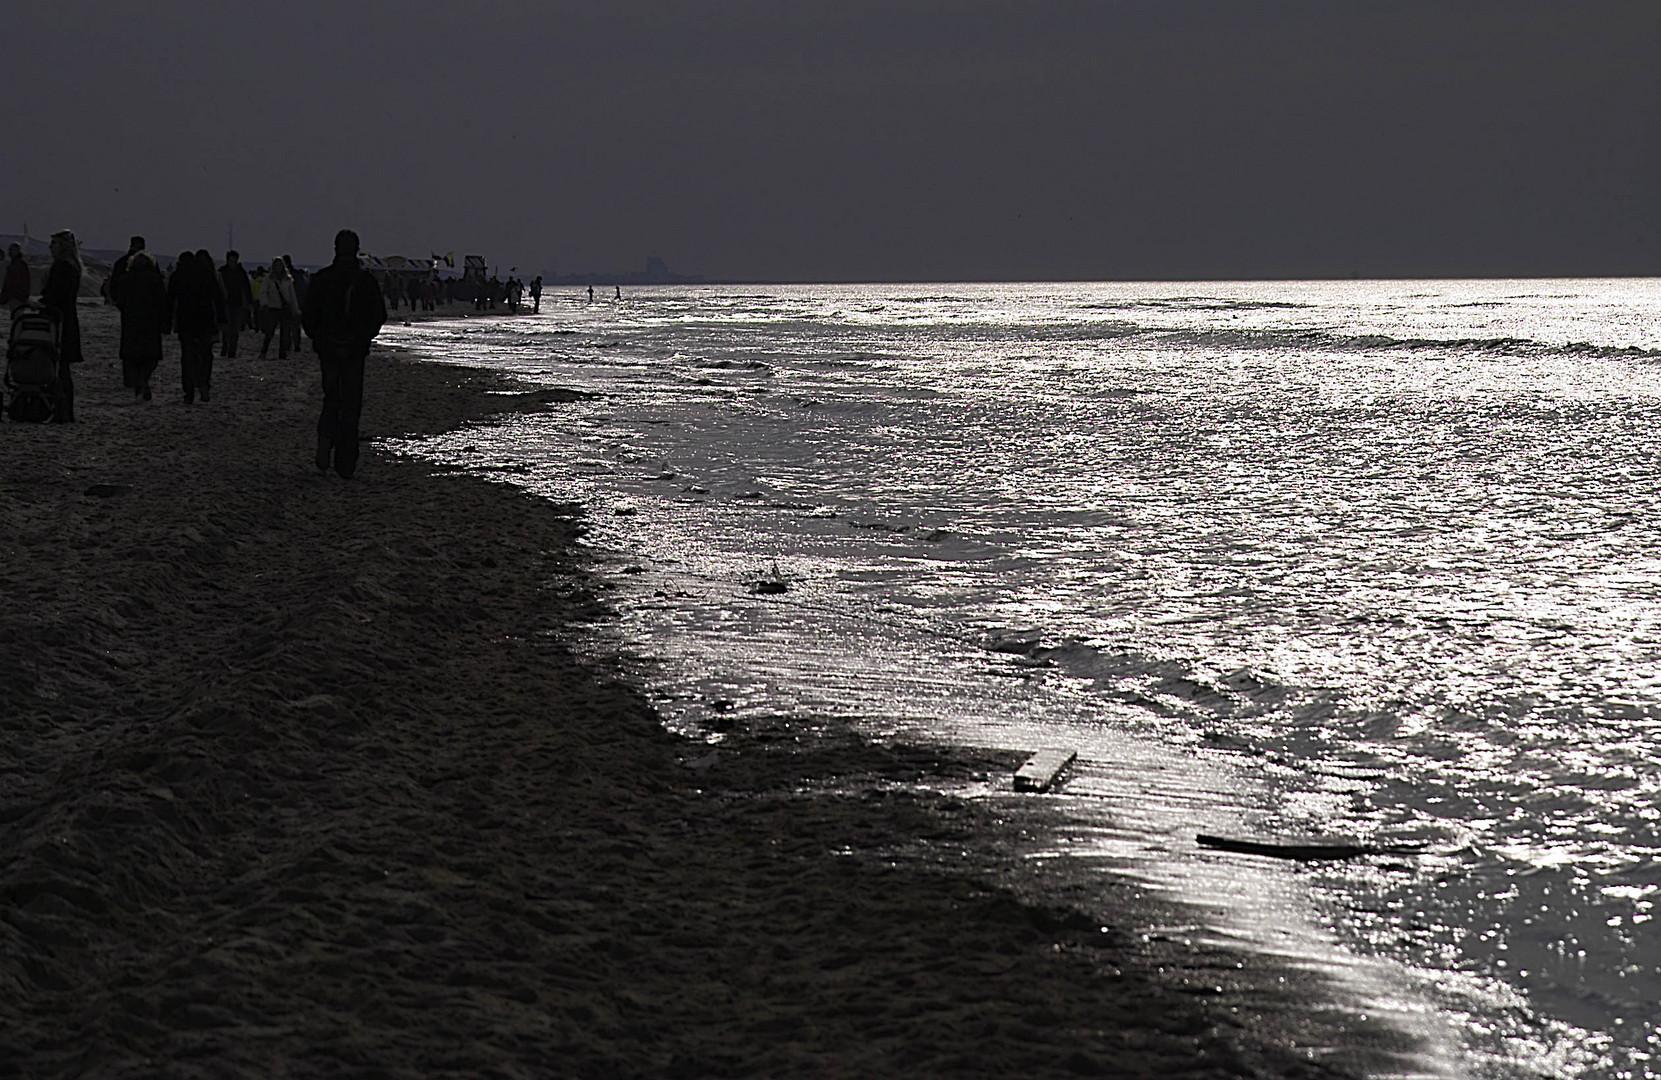 Silbernes Meer bei Zandvoort